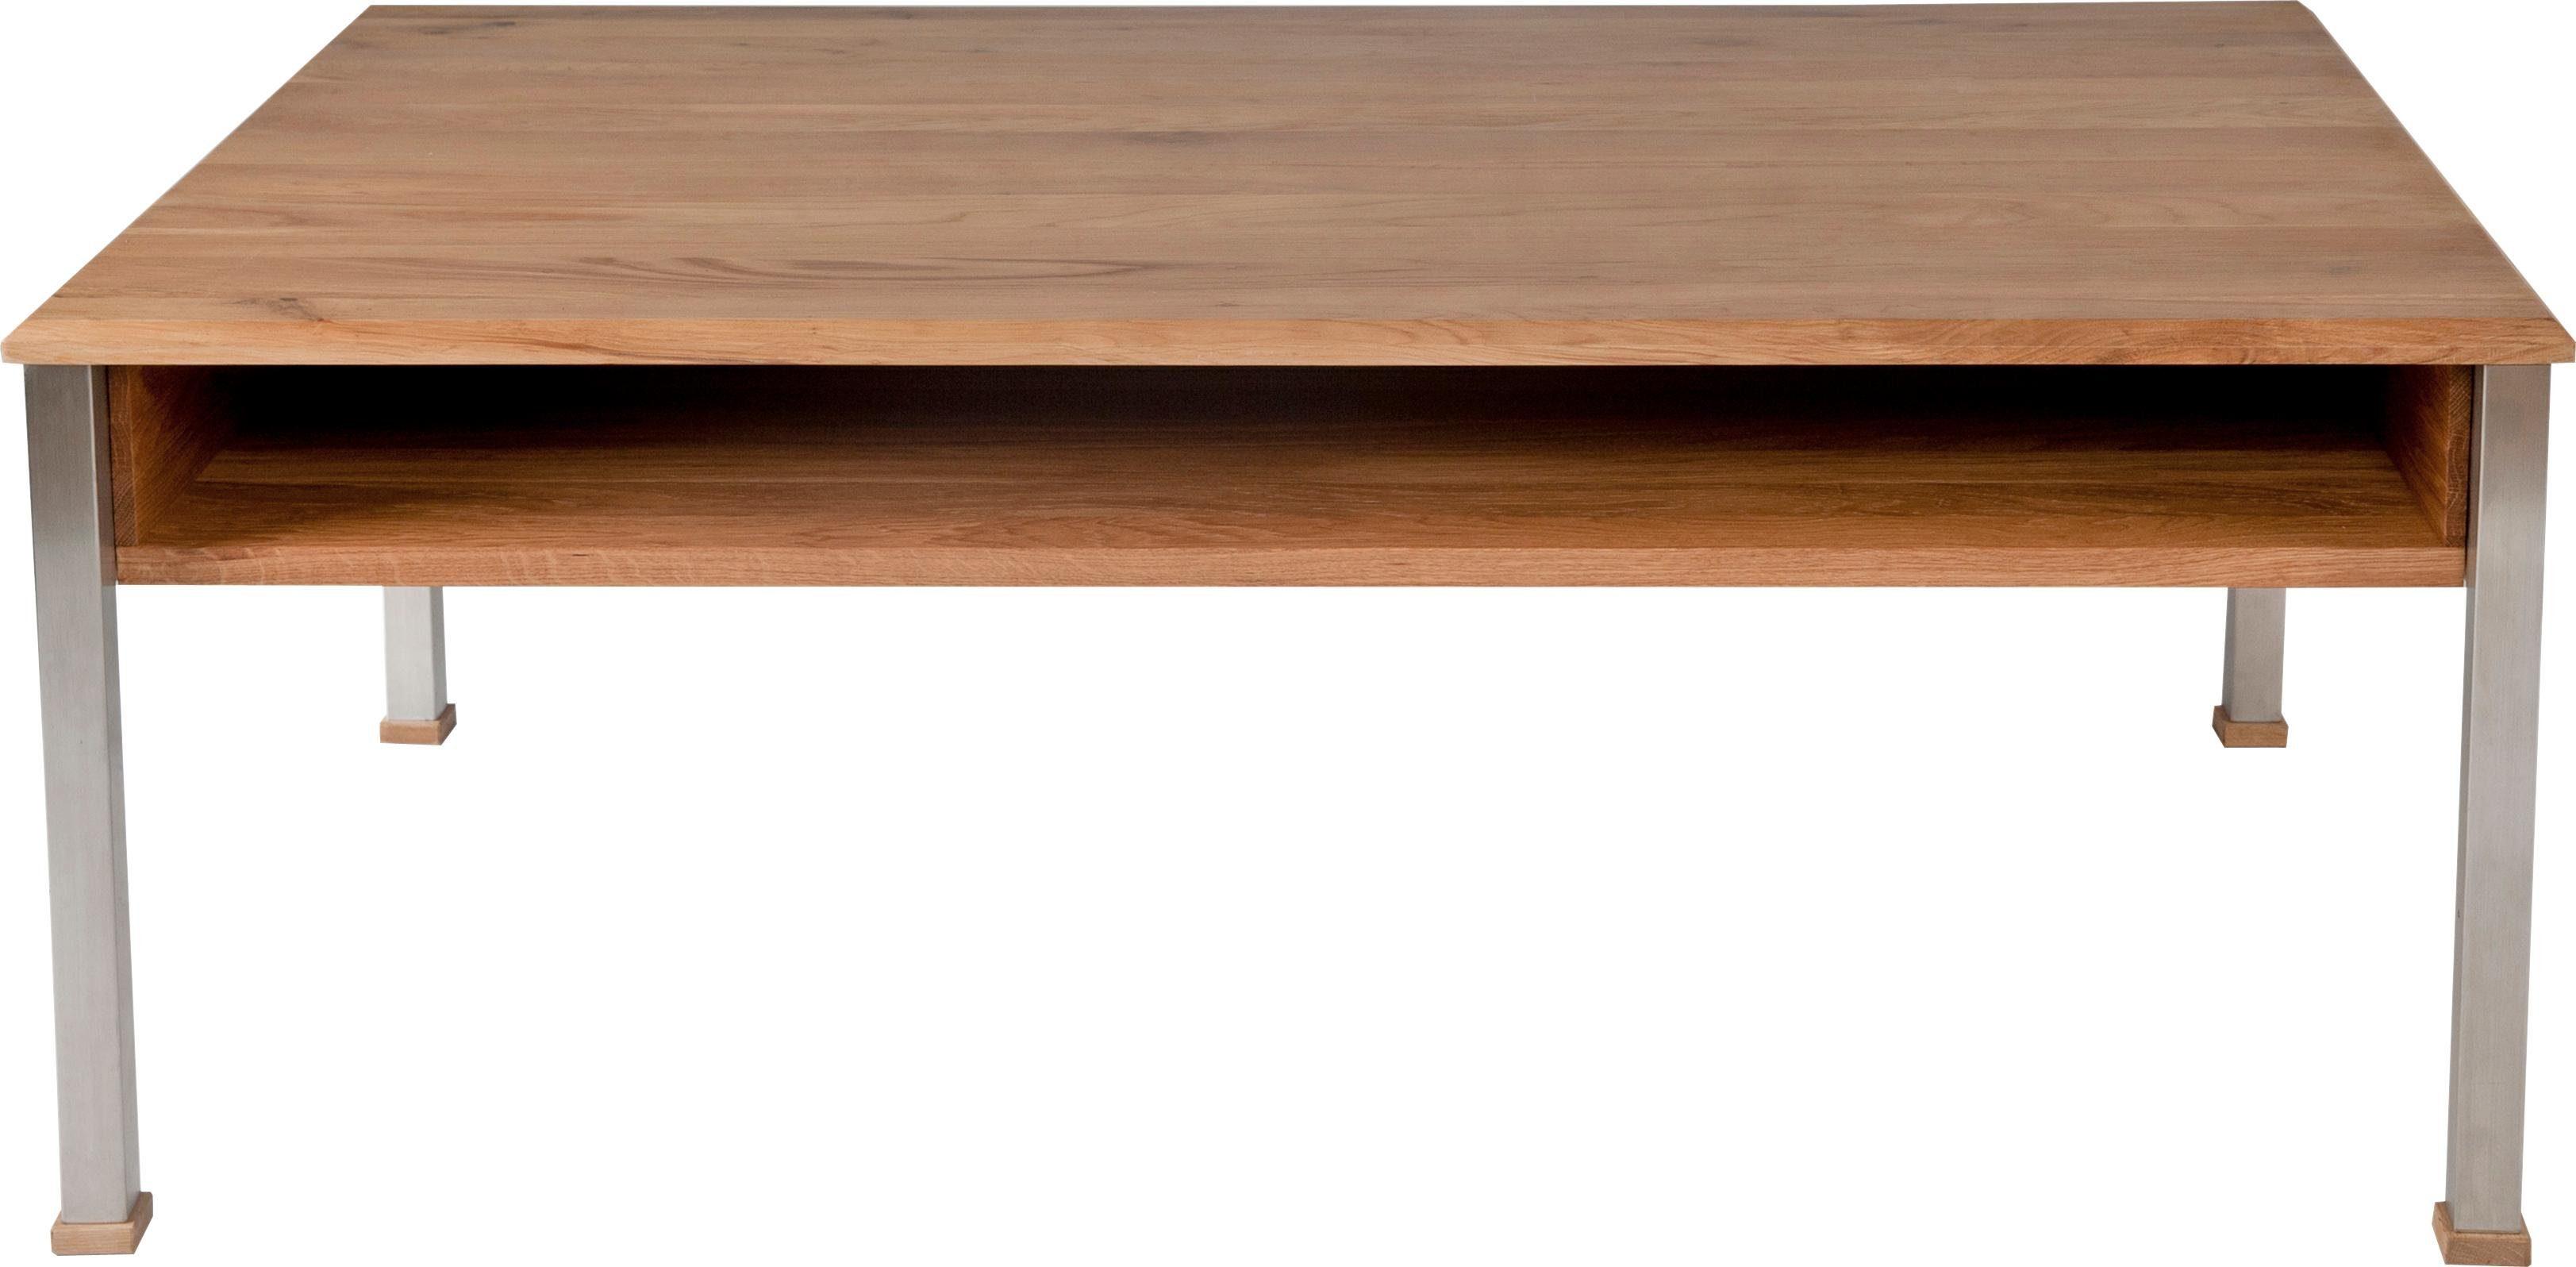 otto versand couchtische couchtische otto otto versand. Black Bedroom Furniture Sets. Home Design Ideas